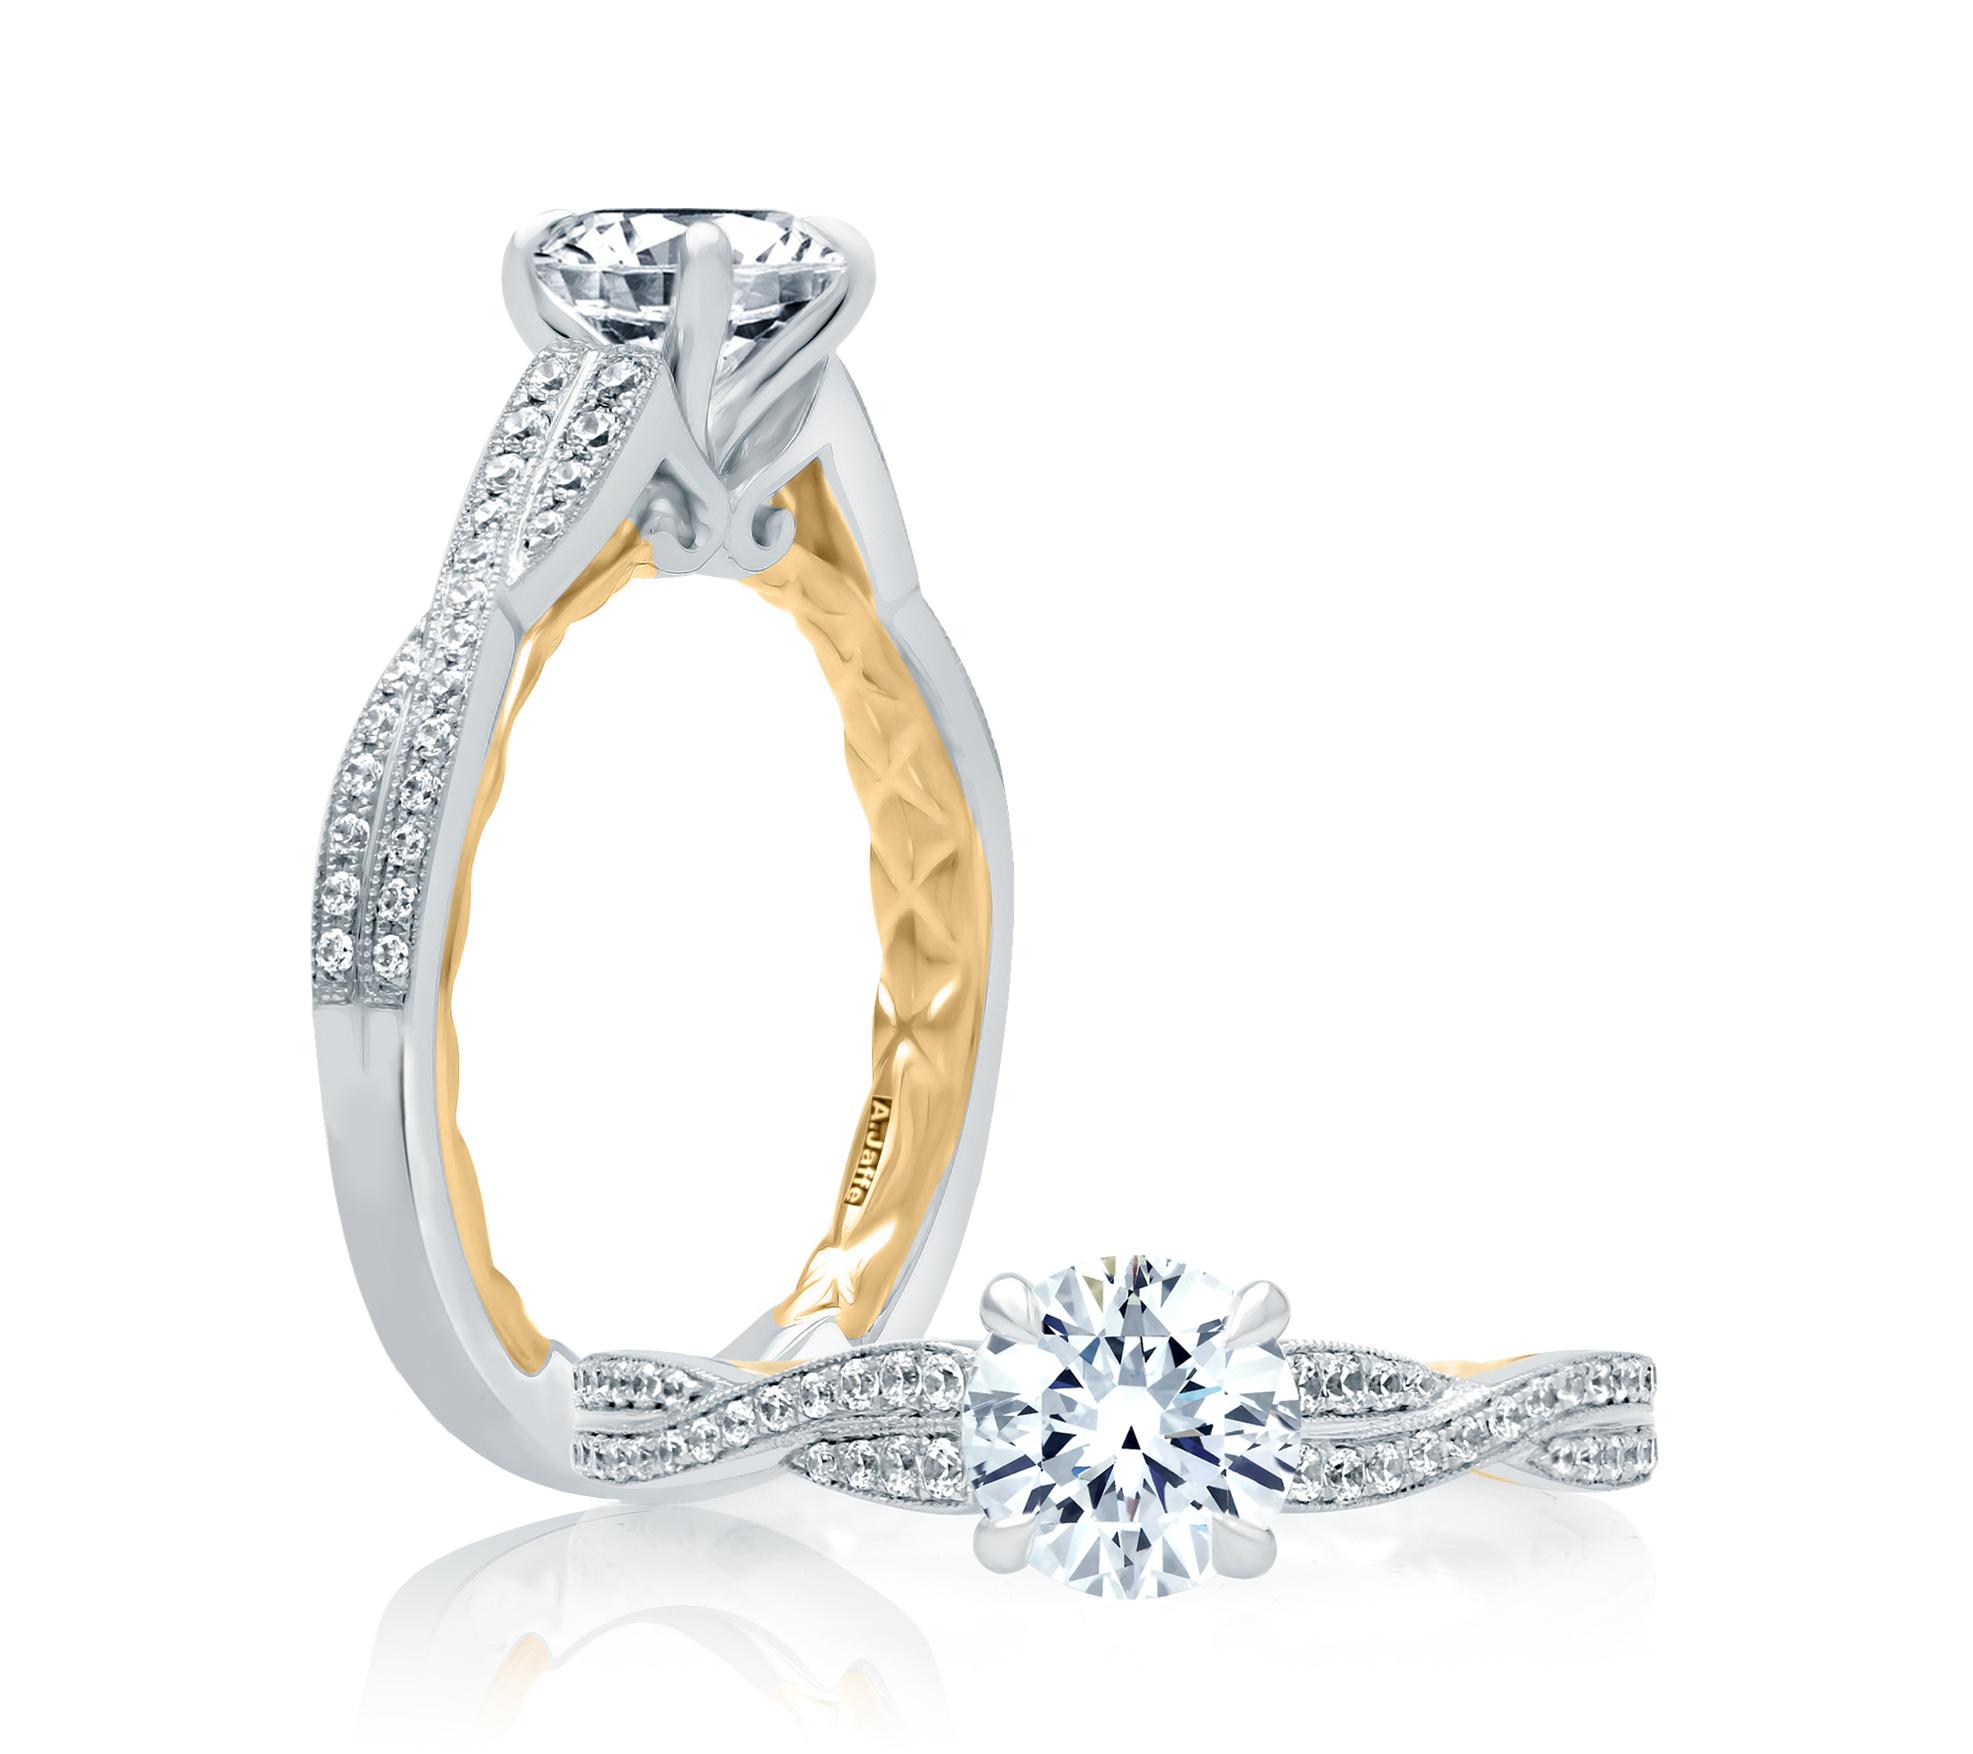 A.Jaffe Rings | Ventura Jewelers | Van Gundys